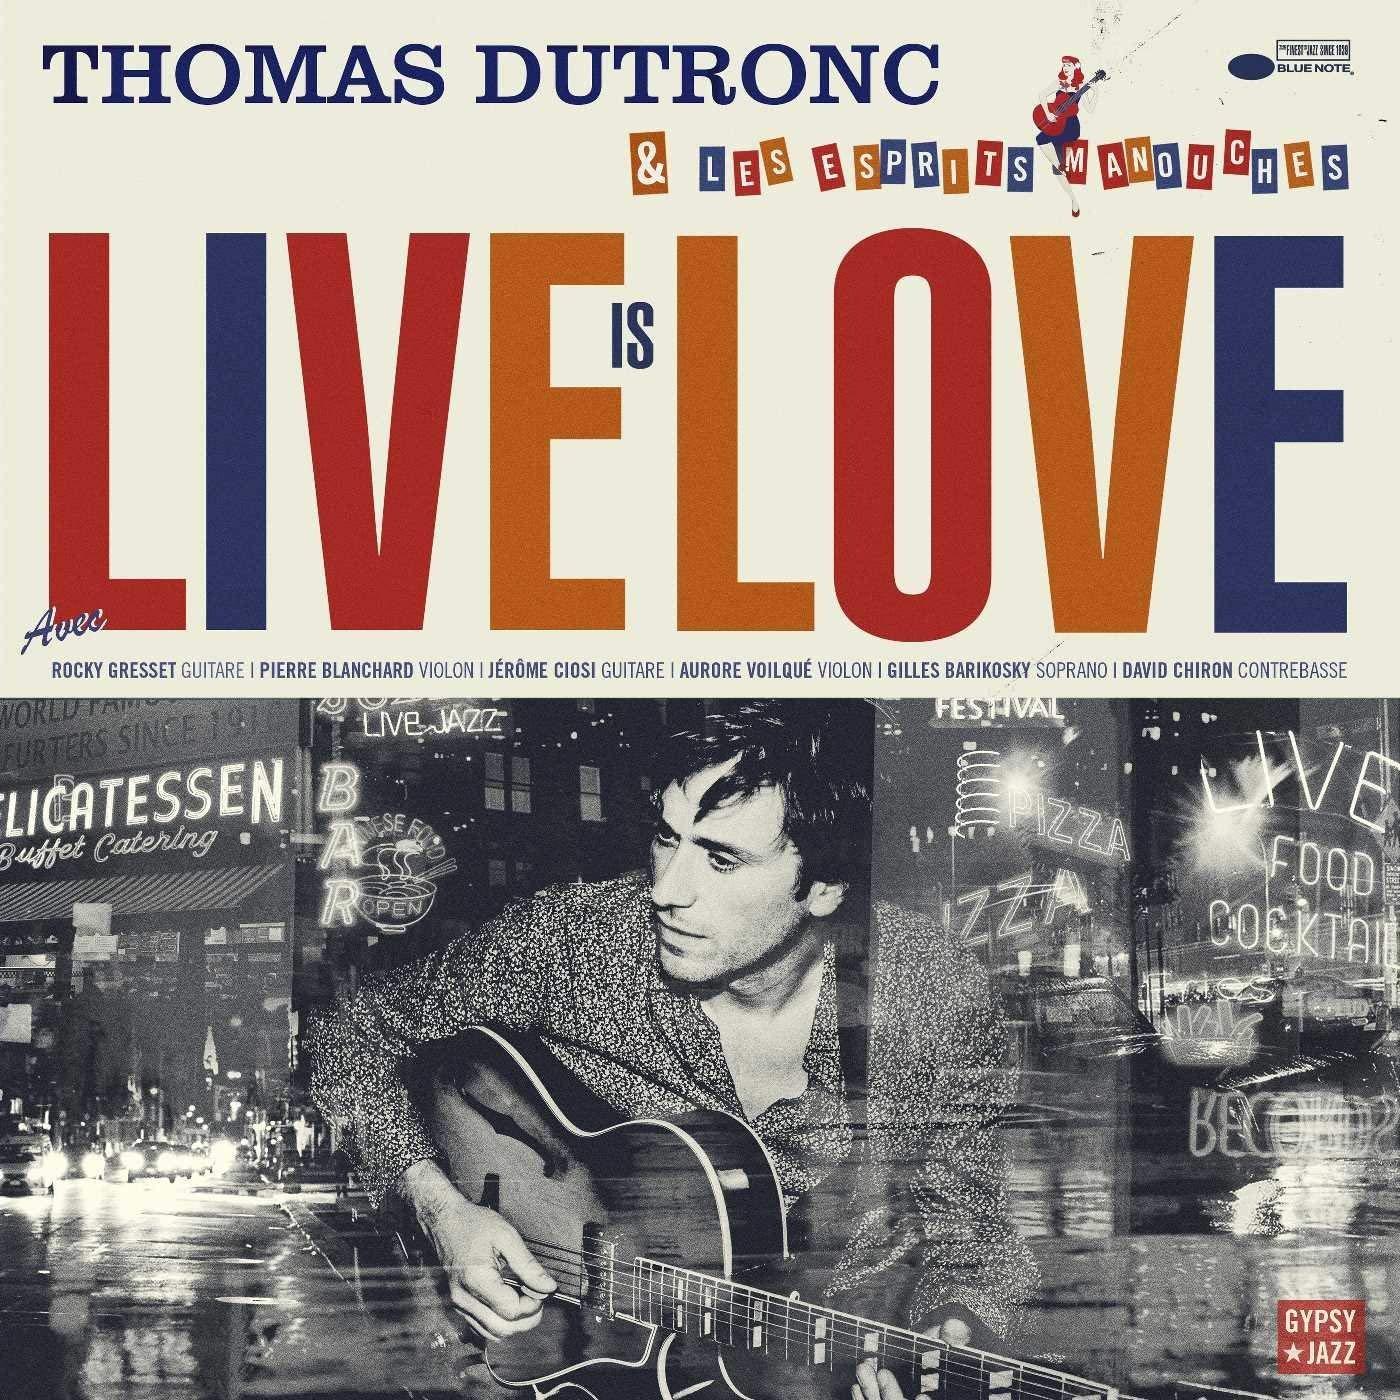 Vinilo : Thomas Dutronc - Live Is Love (France - Import)